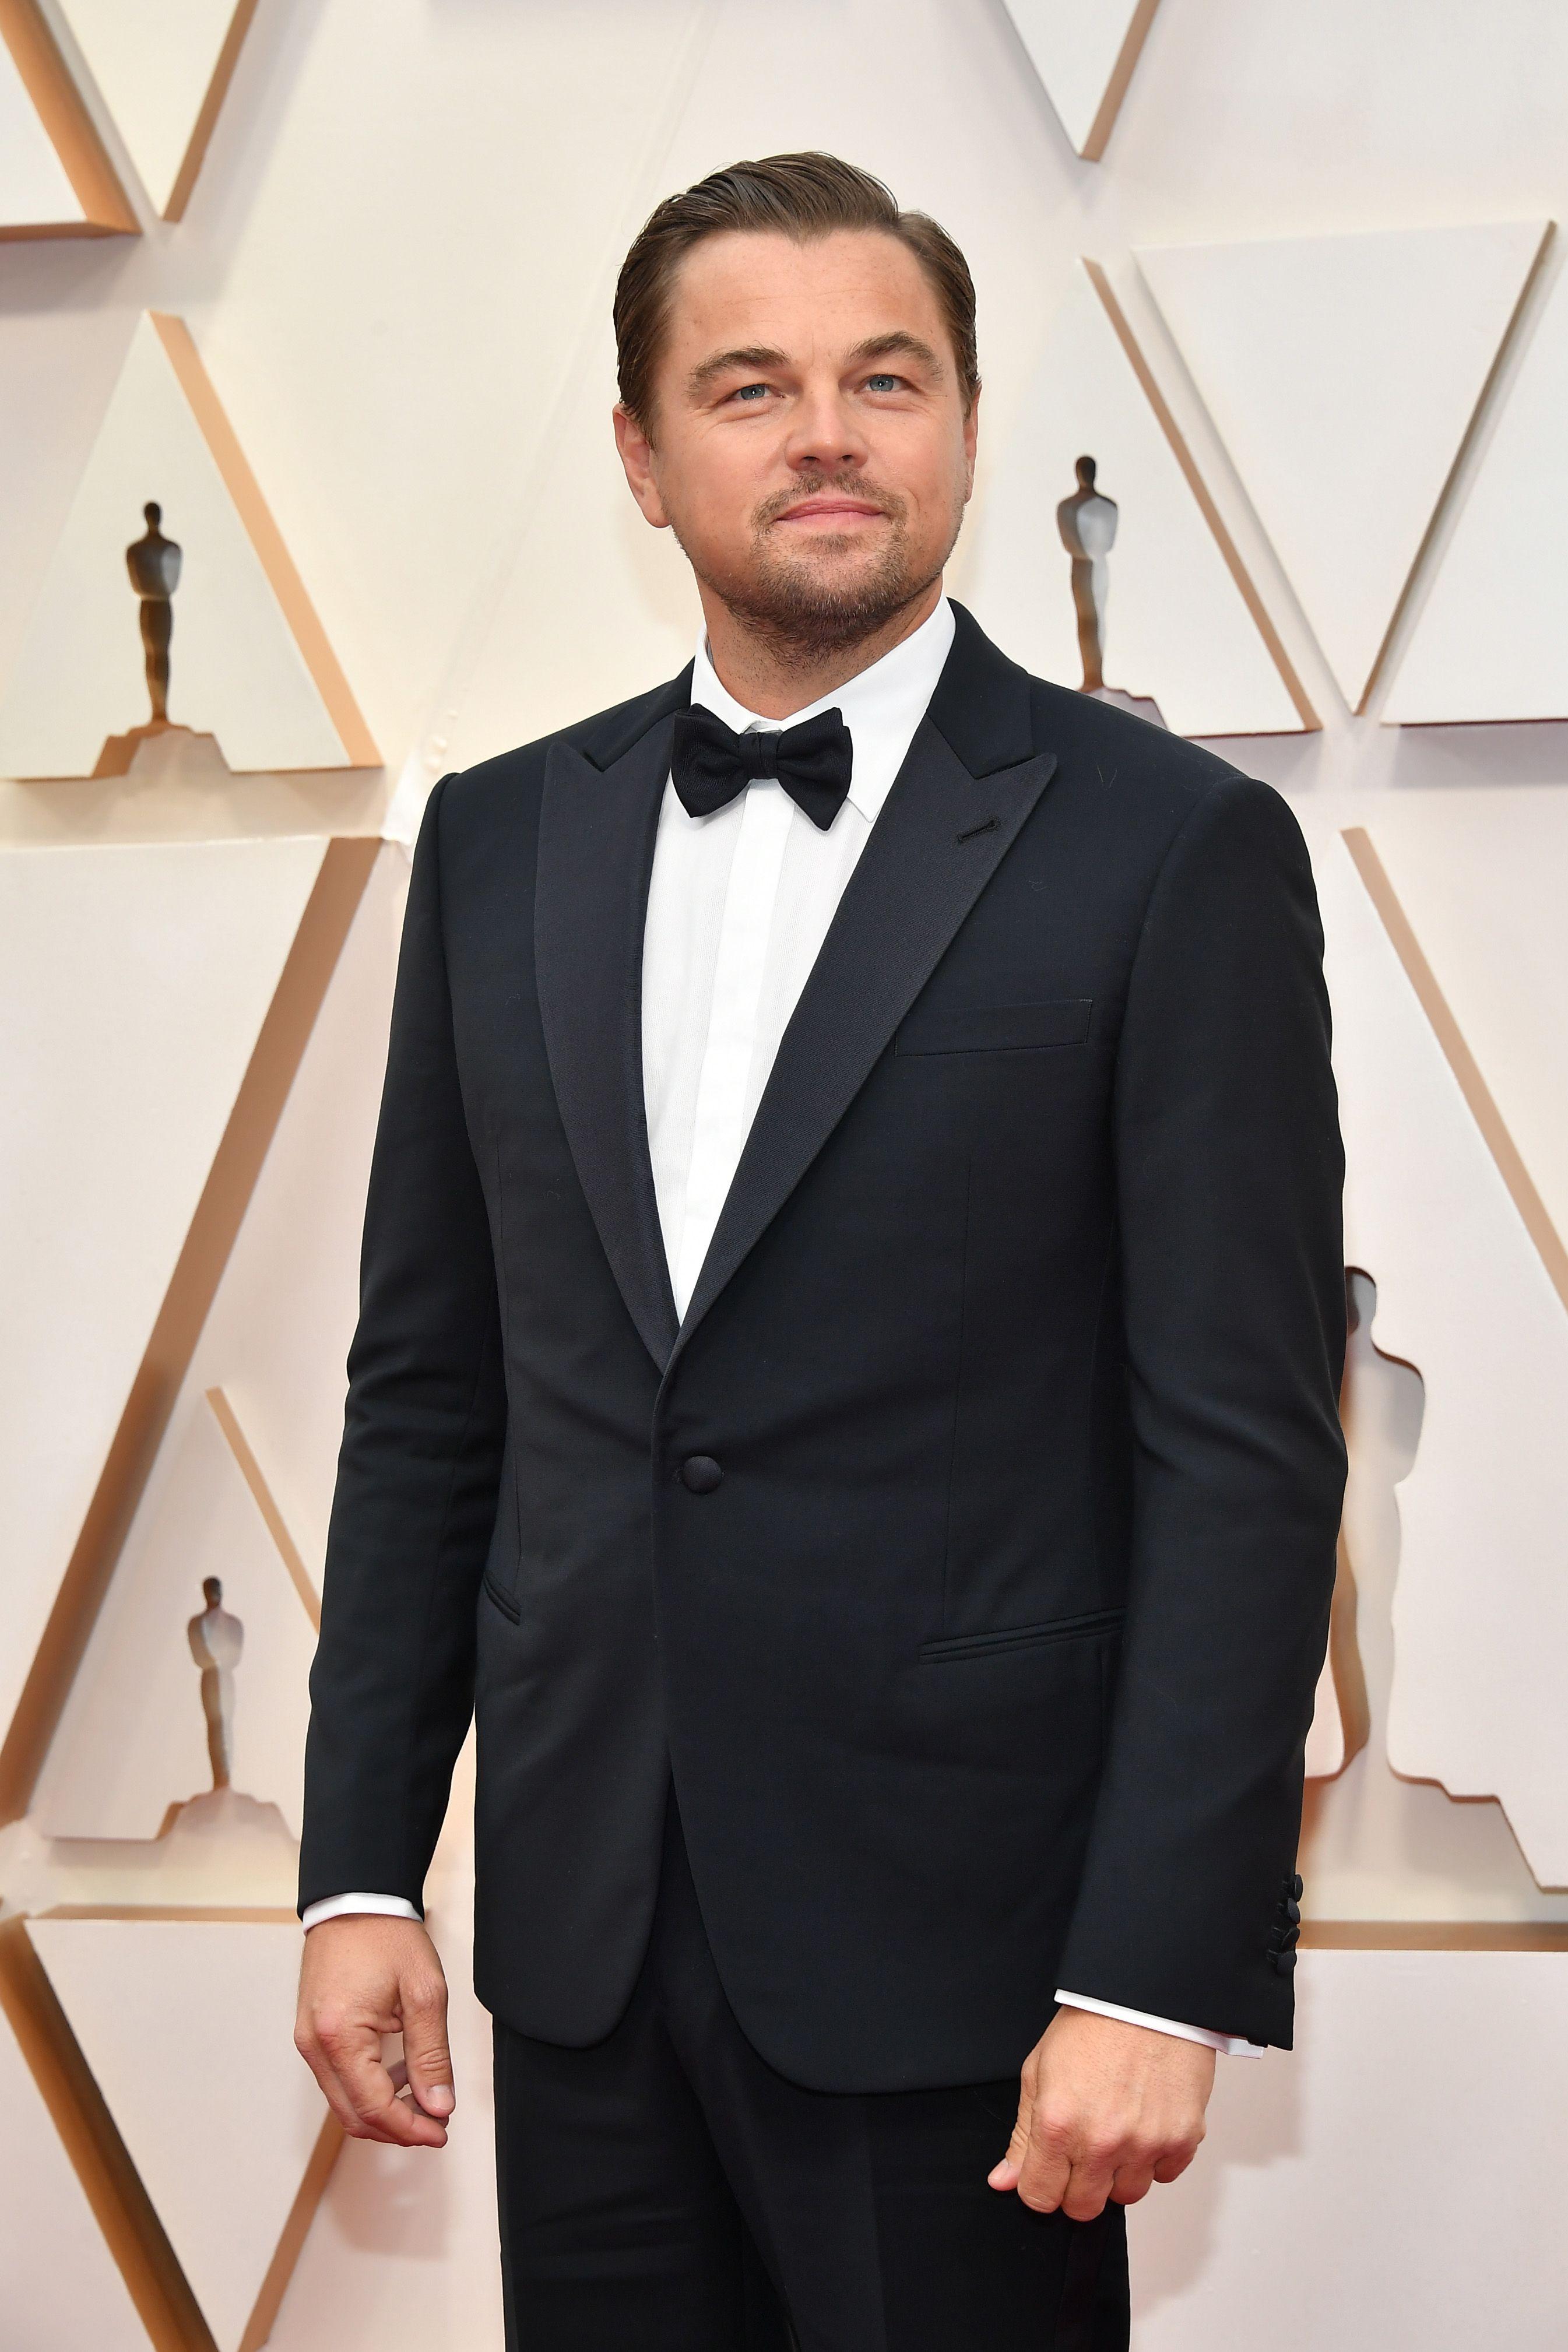 Leonardo DiCaprio in a suit